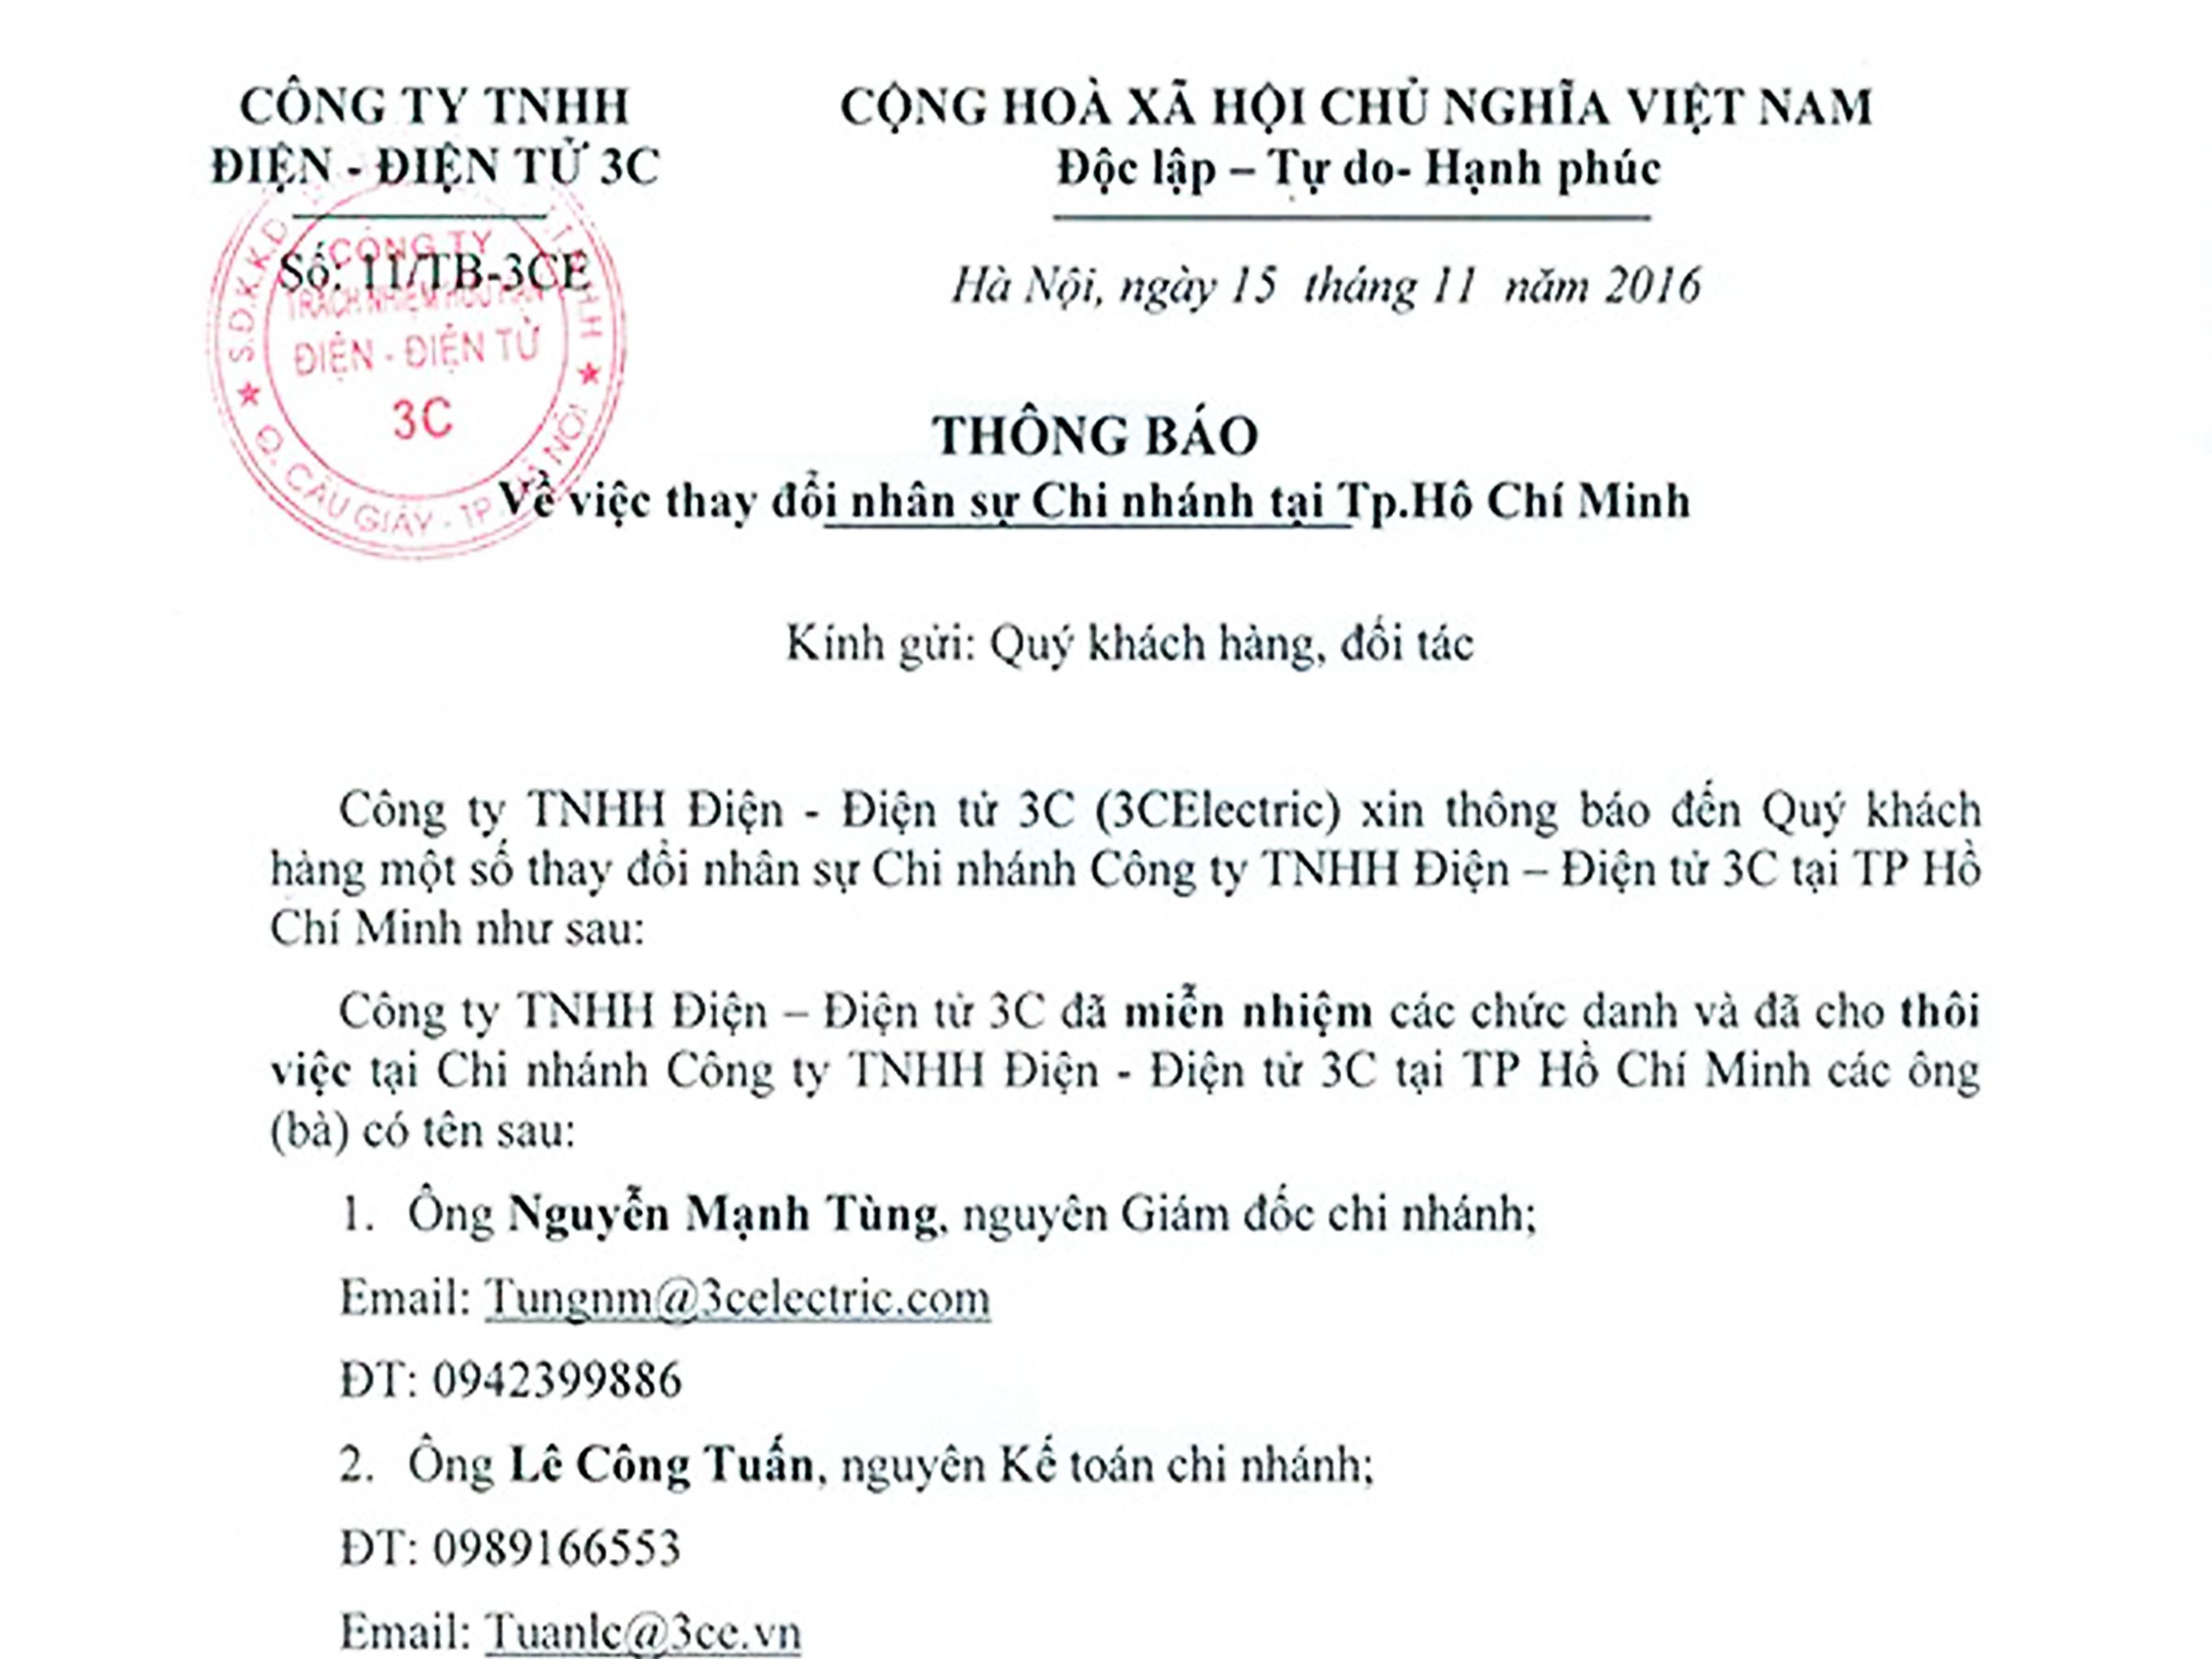 3CElectric thông báo thay đổi nhân sự chi nhánh Tp.Hồ Chí Minh